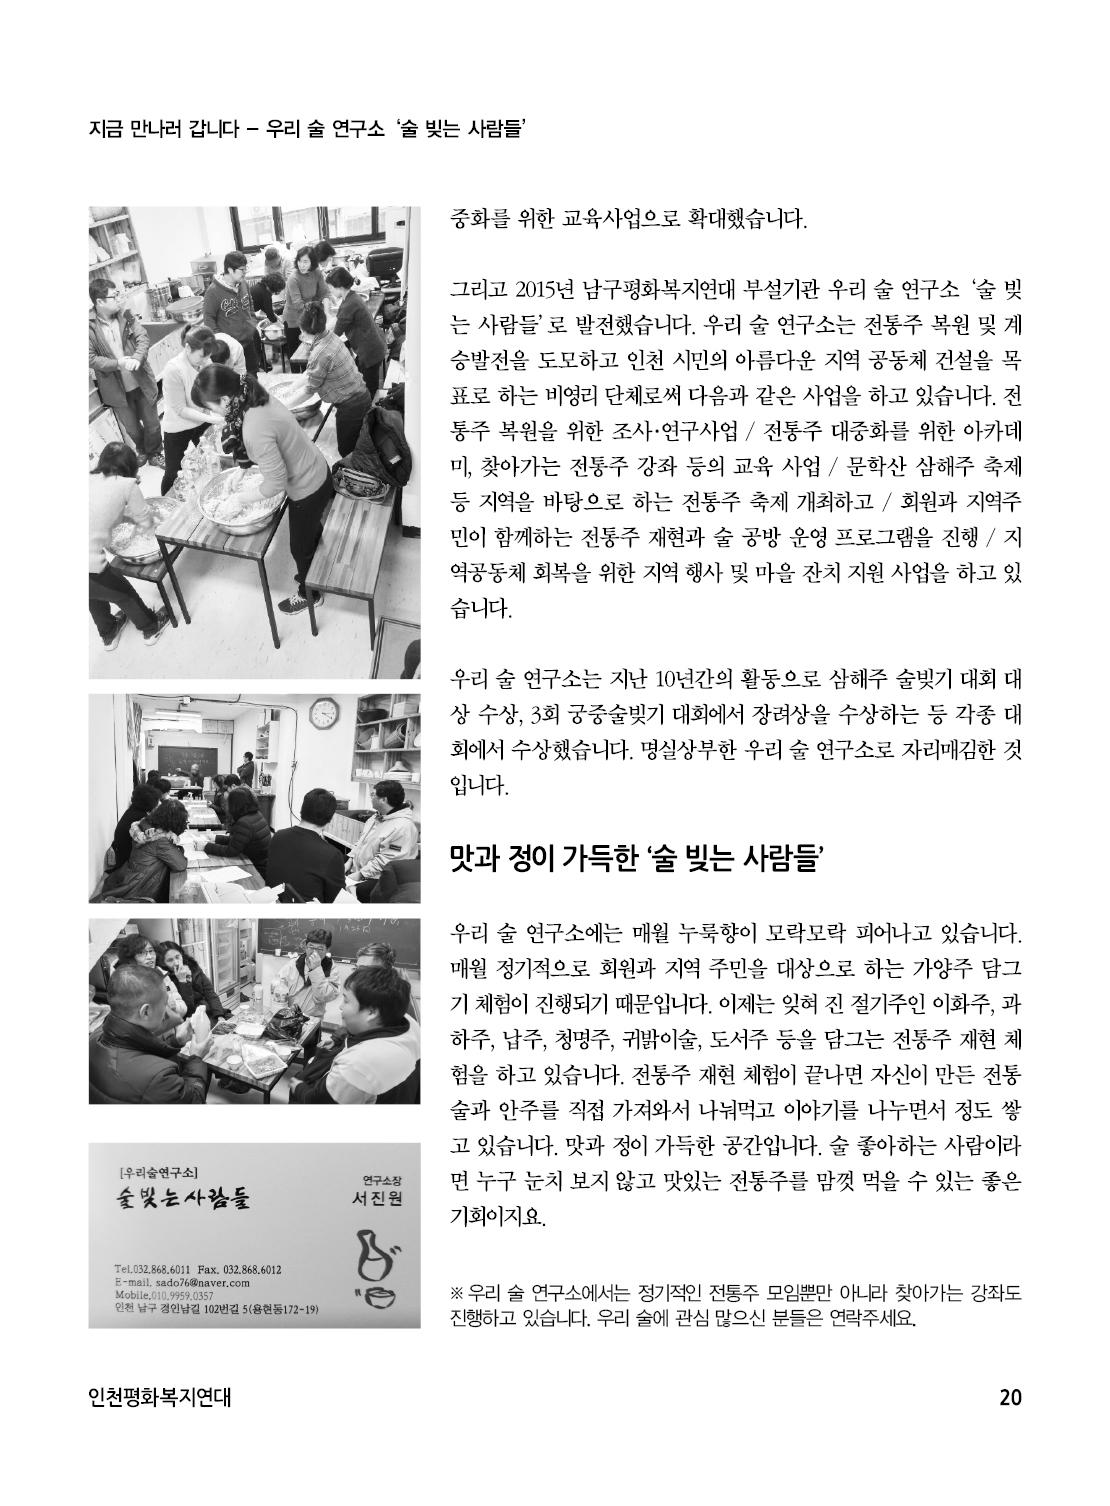 아웃라인 인천평화복지연대 창간준비2호20.jpg